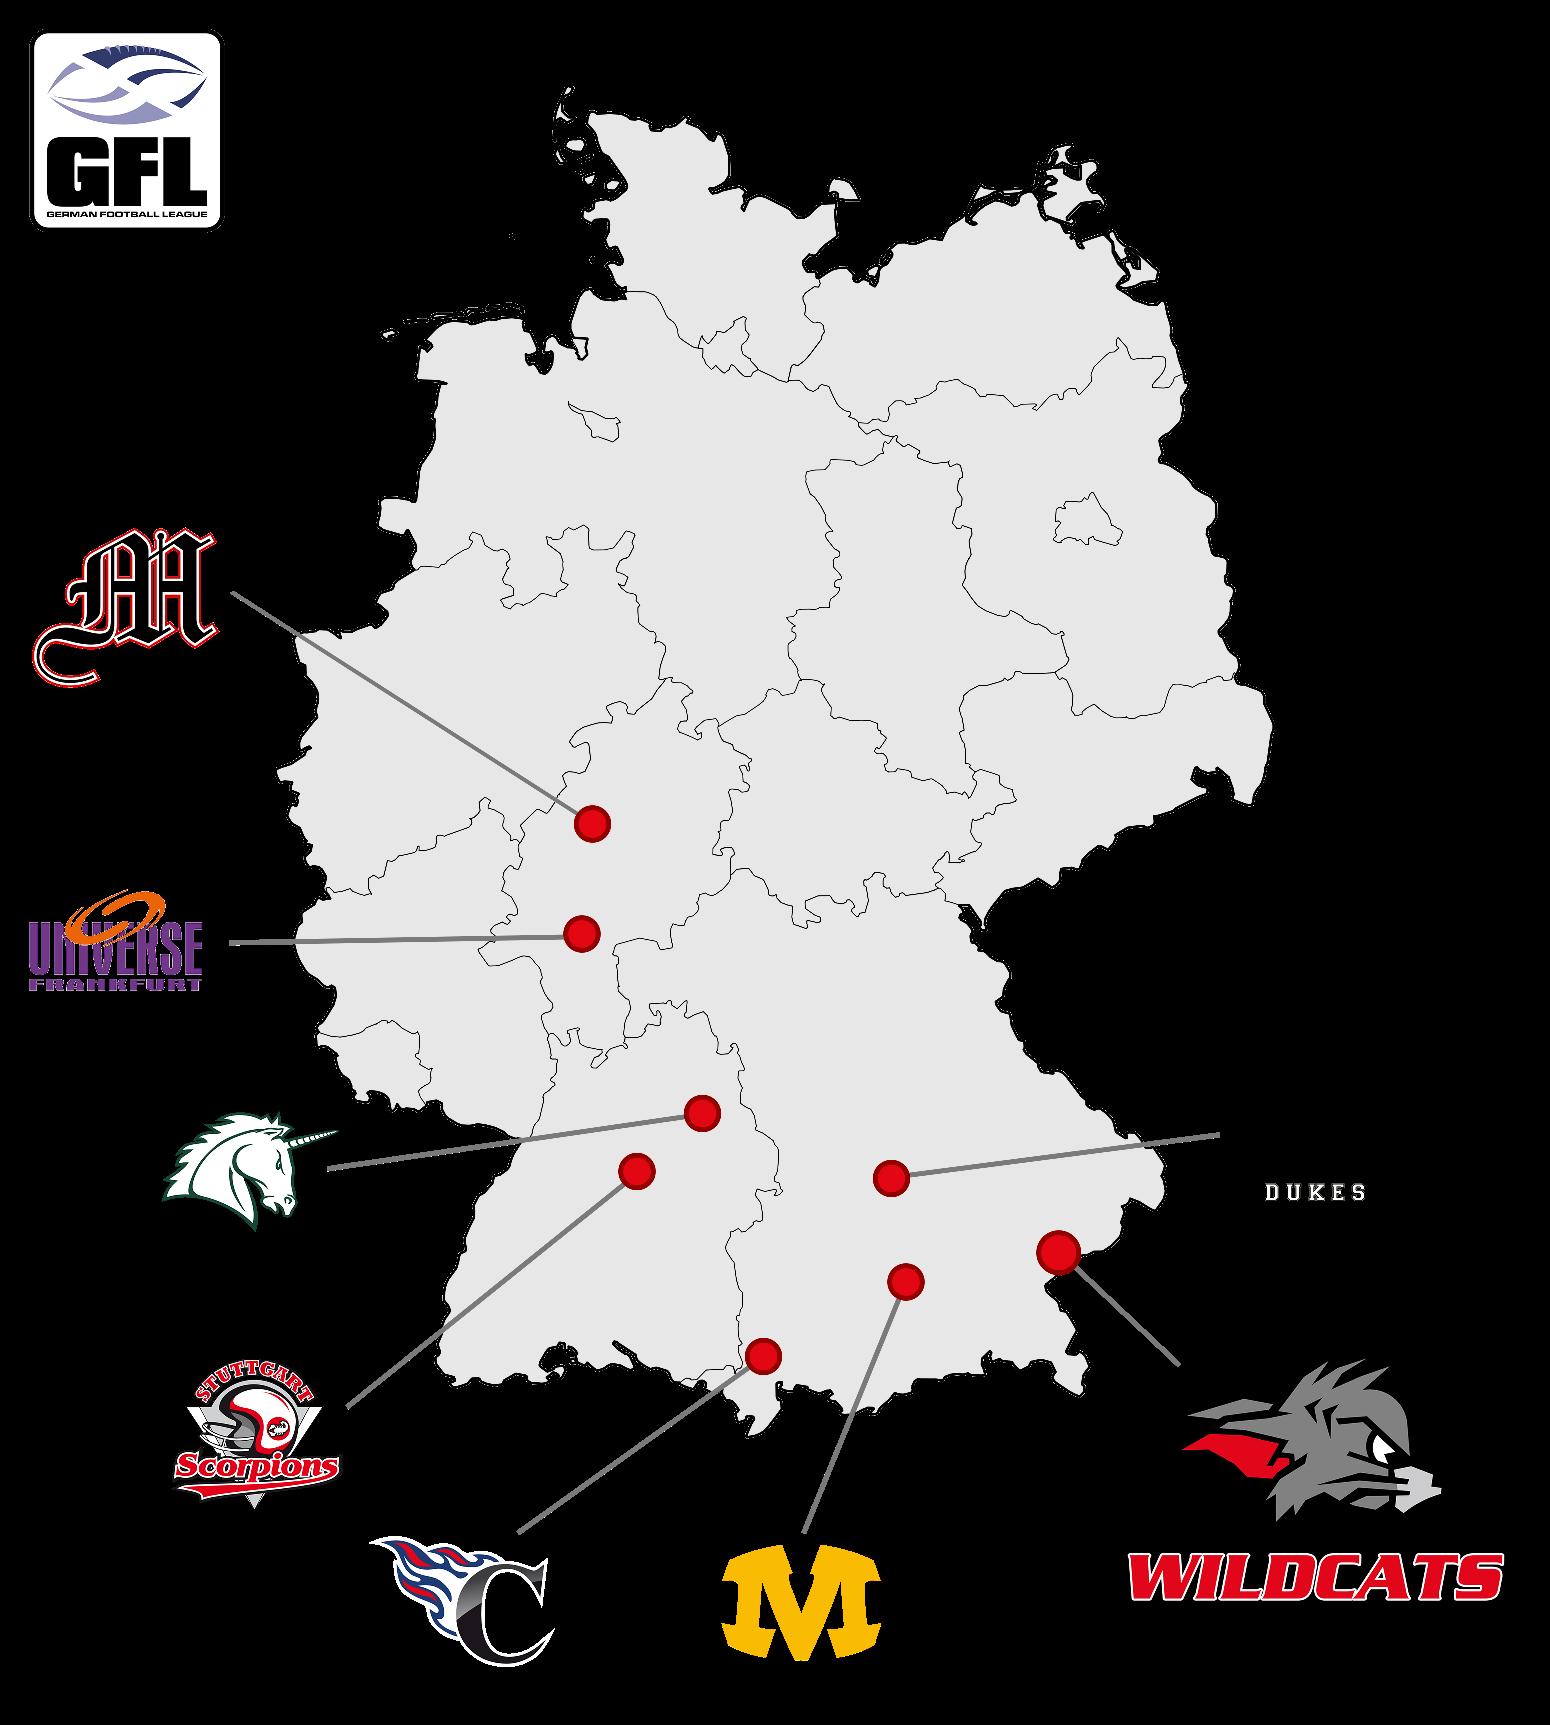 Kirchdorf Wildcats Tour 2018